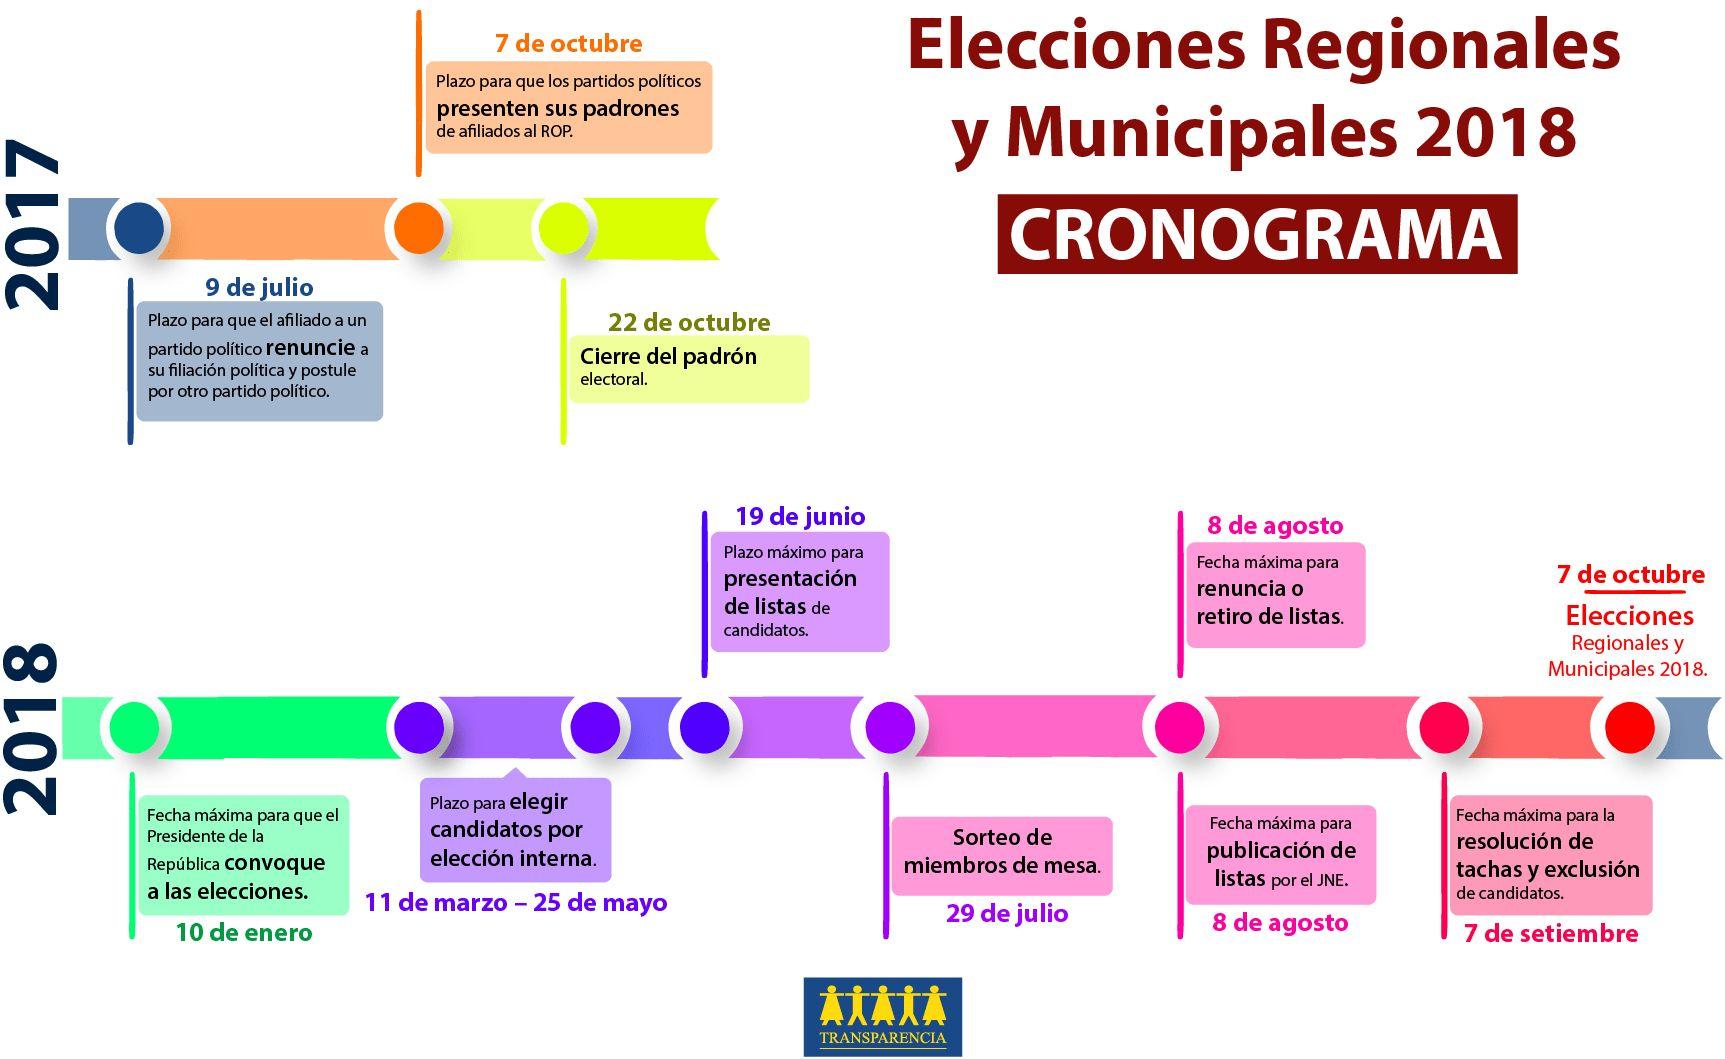 El nuevo cronograma electoral aprobado en el marco de la reforma y que se aplicará para las Elecciones Regionales y Municipales 2018. (Foto: Transparencia)